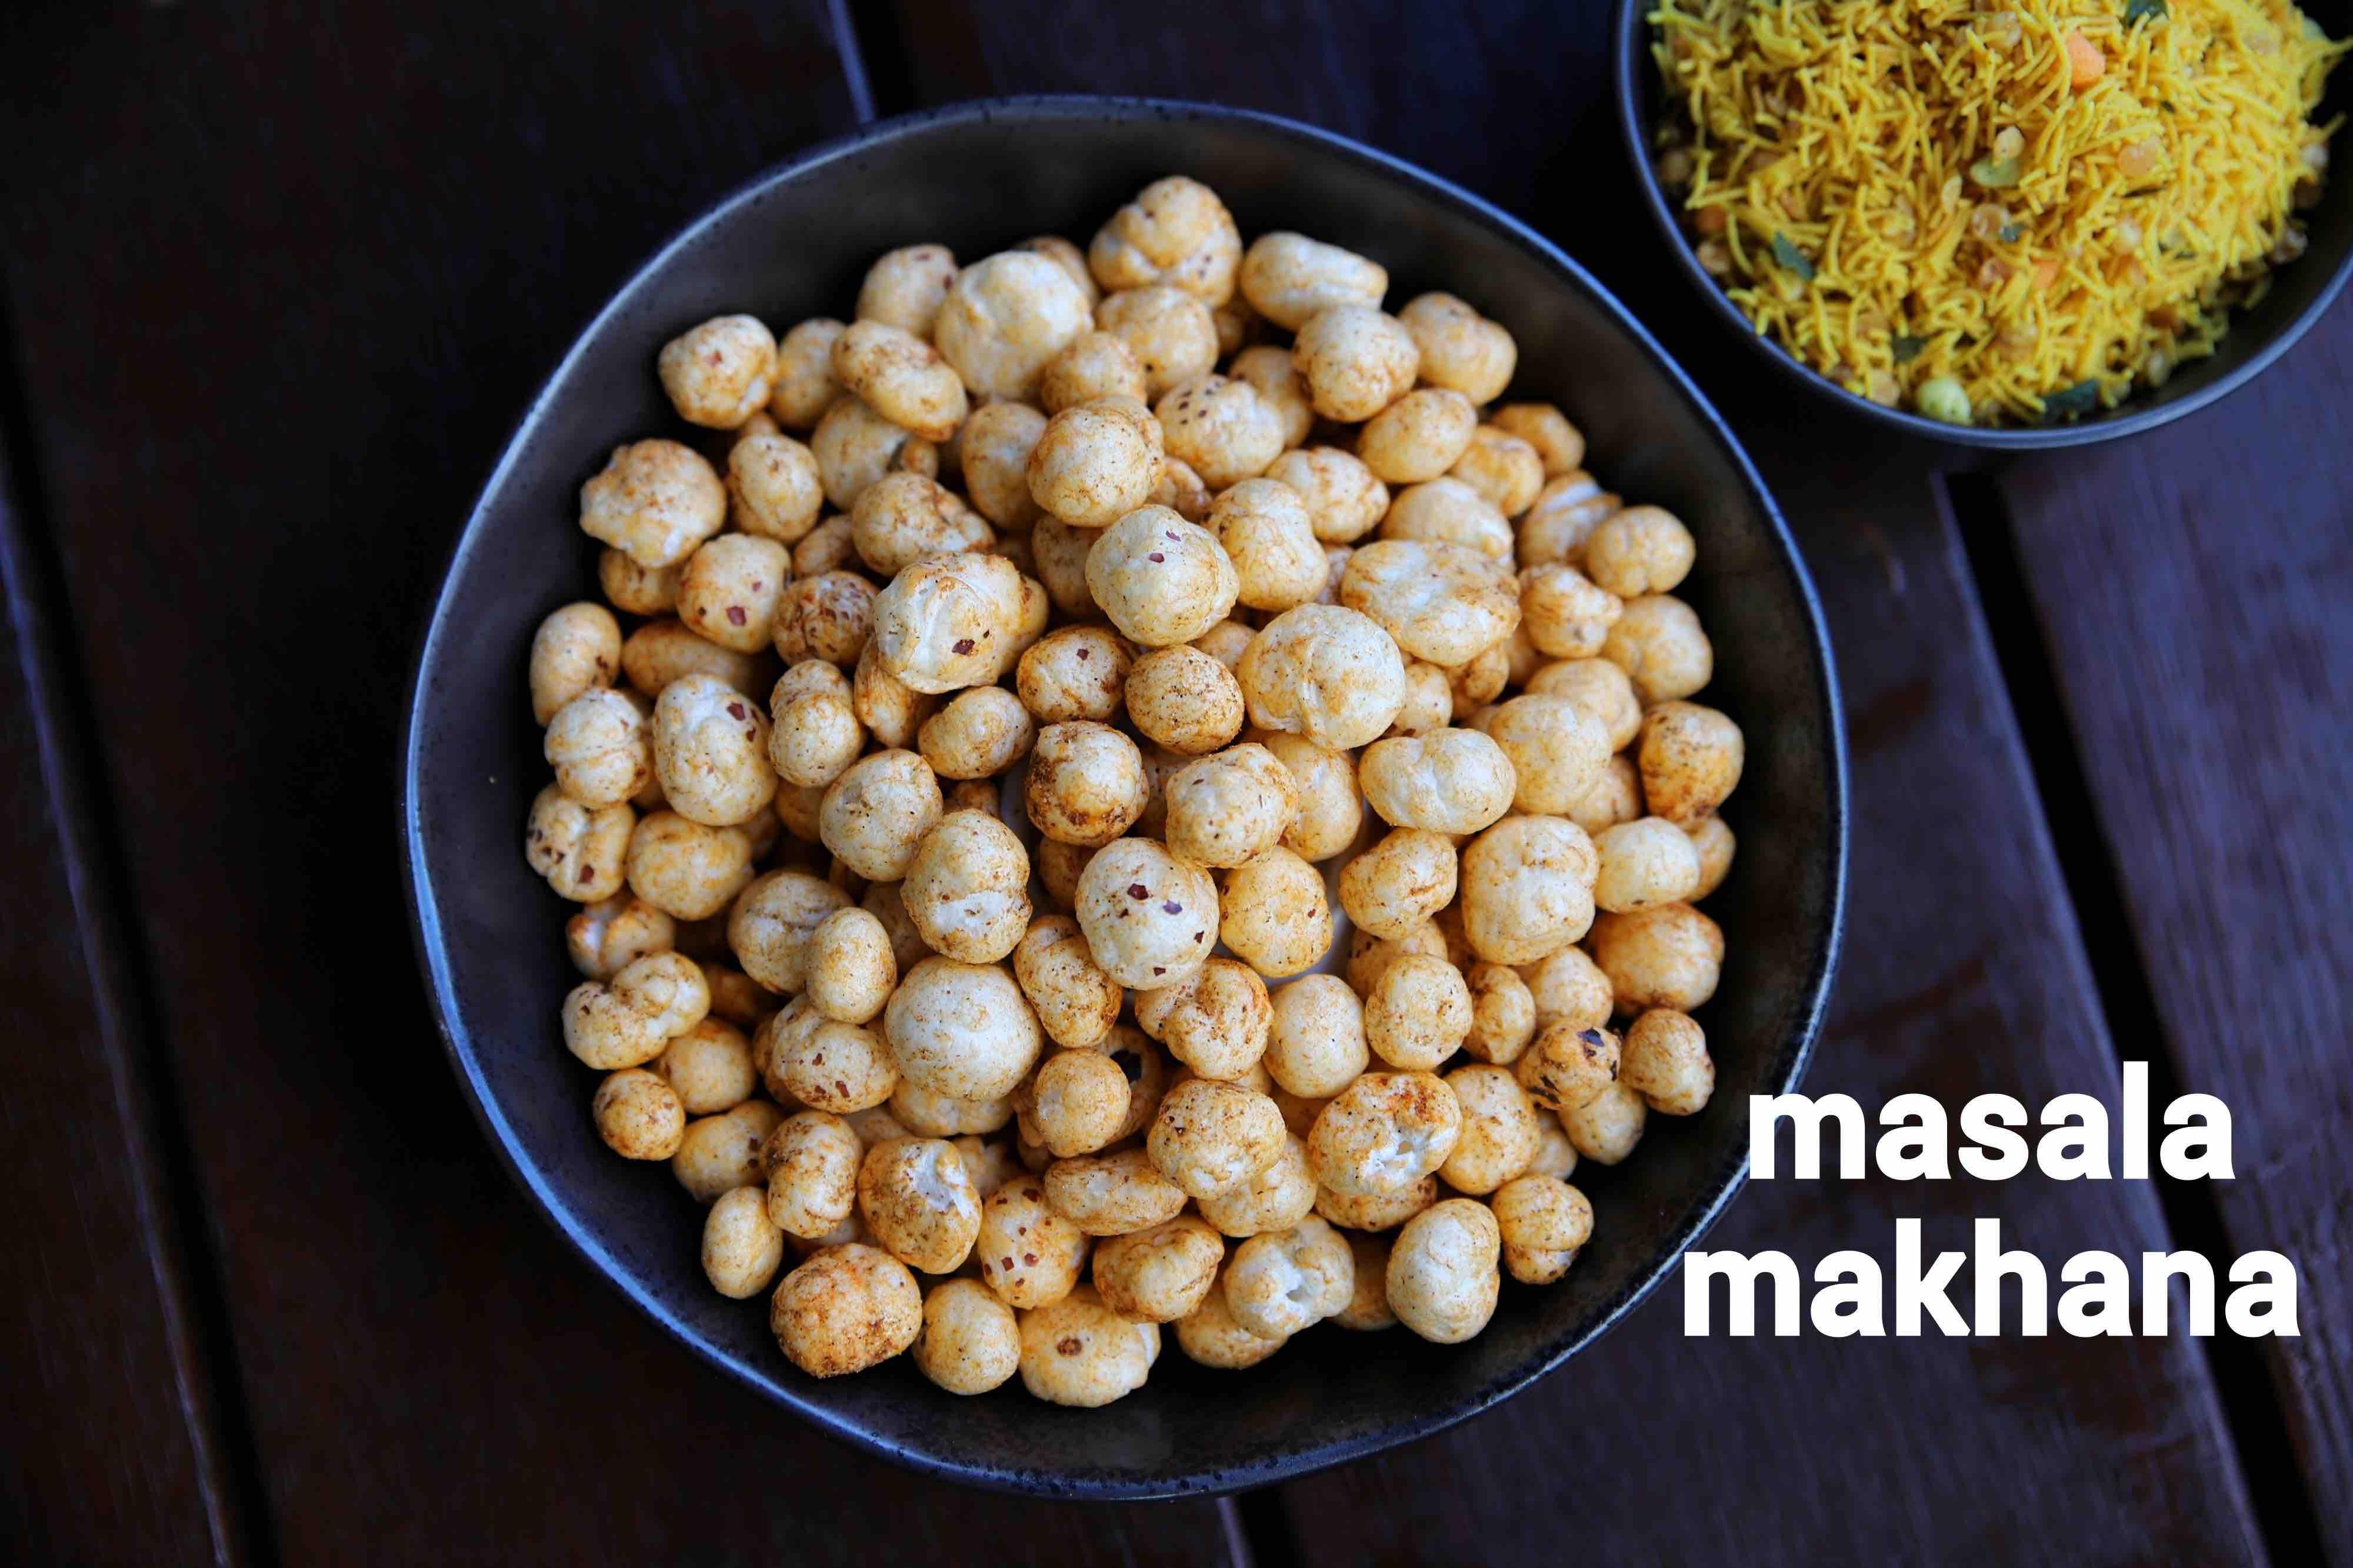 masala makhana recipe | phool makhana masala | roasted lotus seed